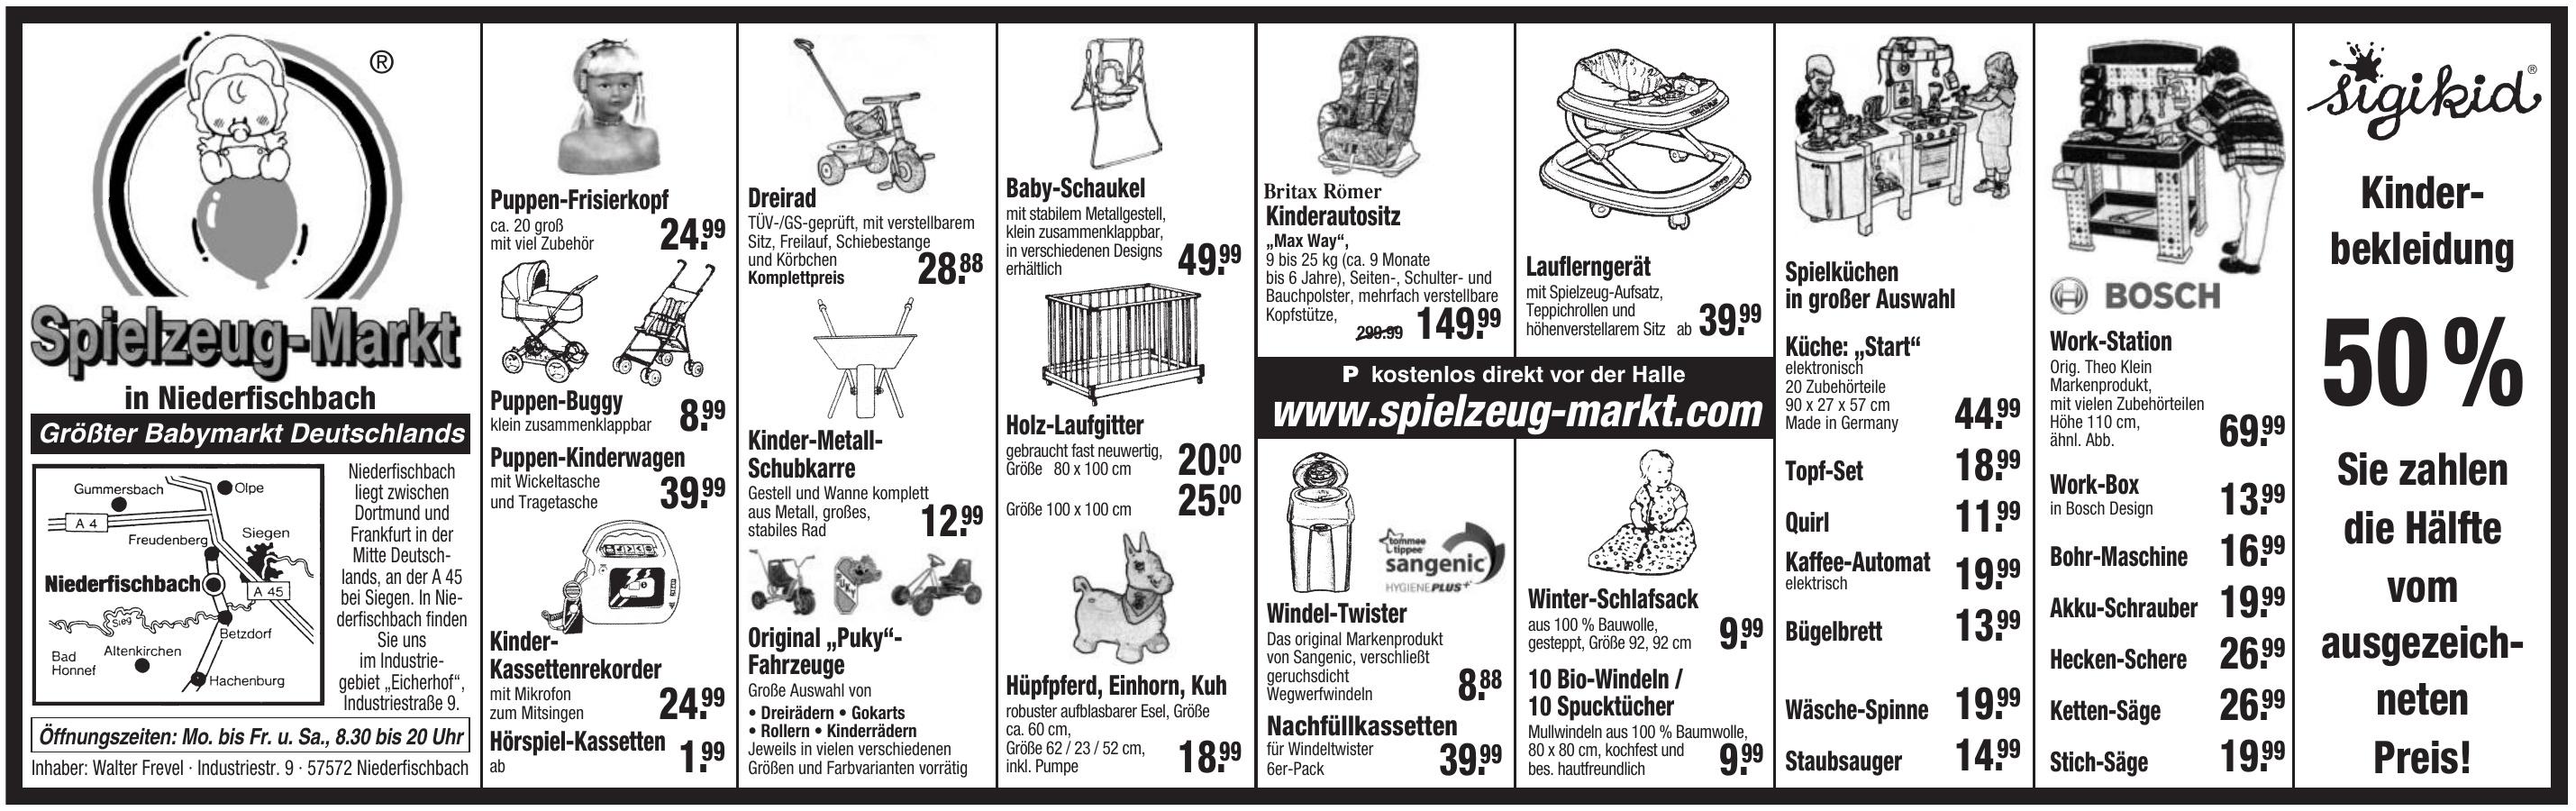 Spielzeug-Markt